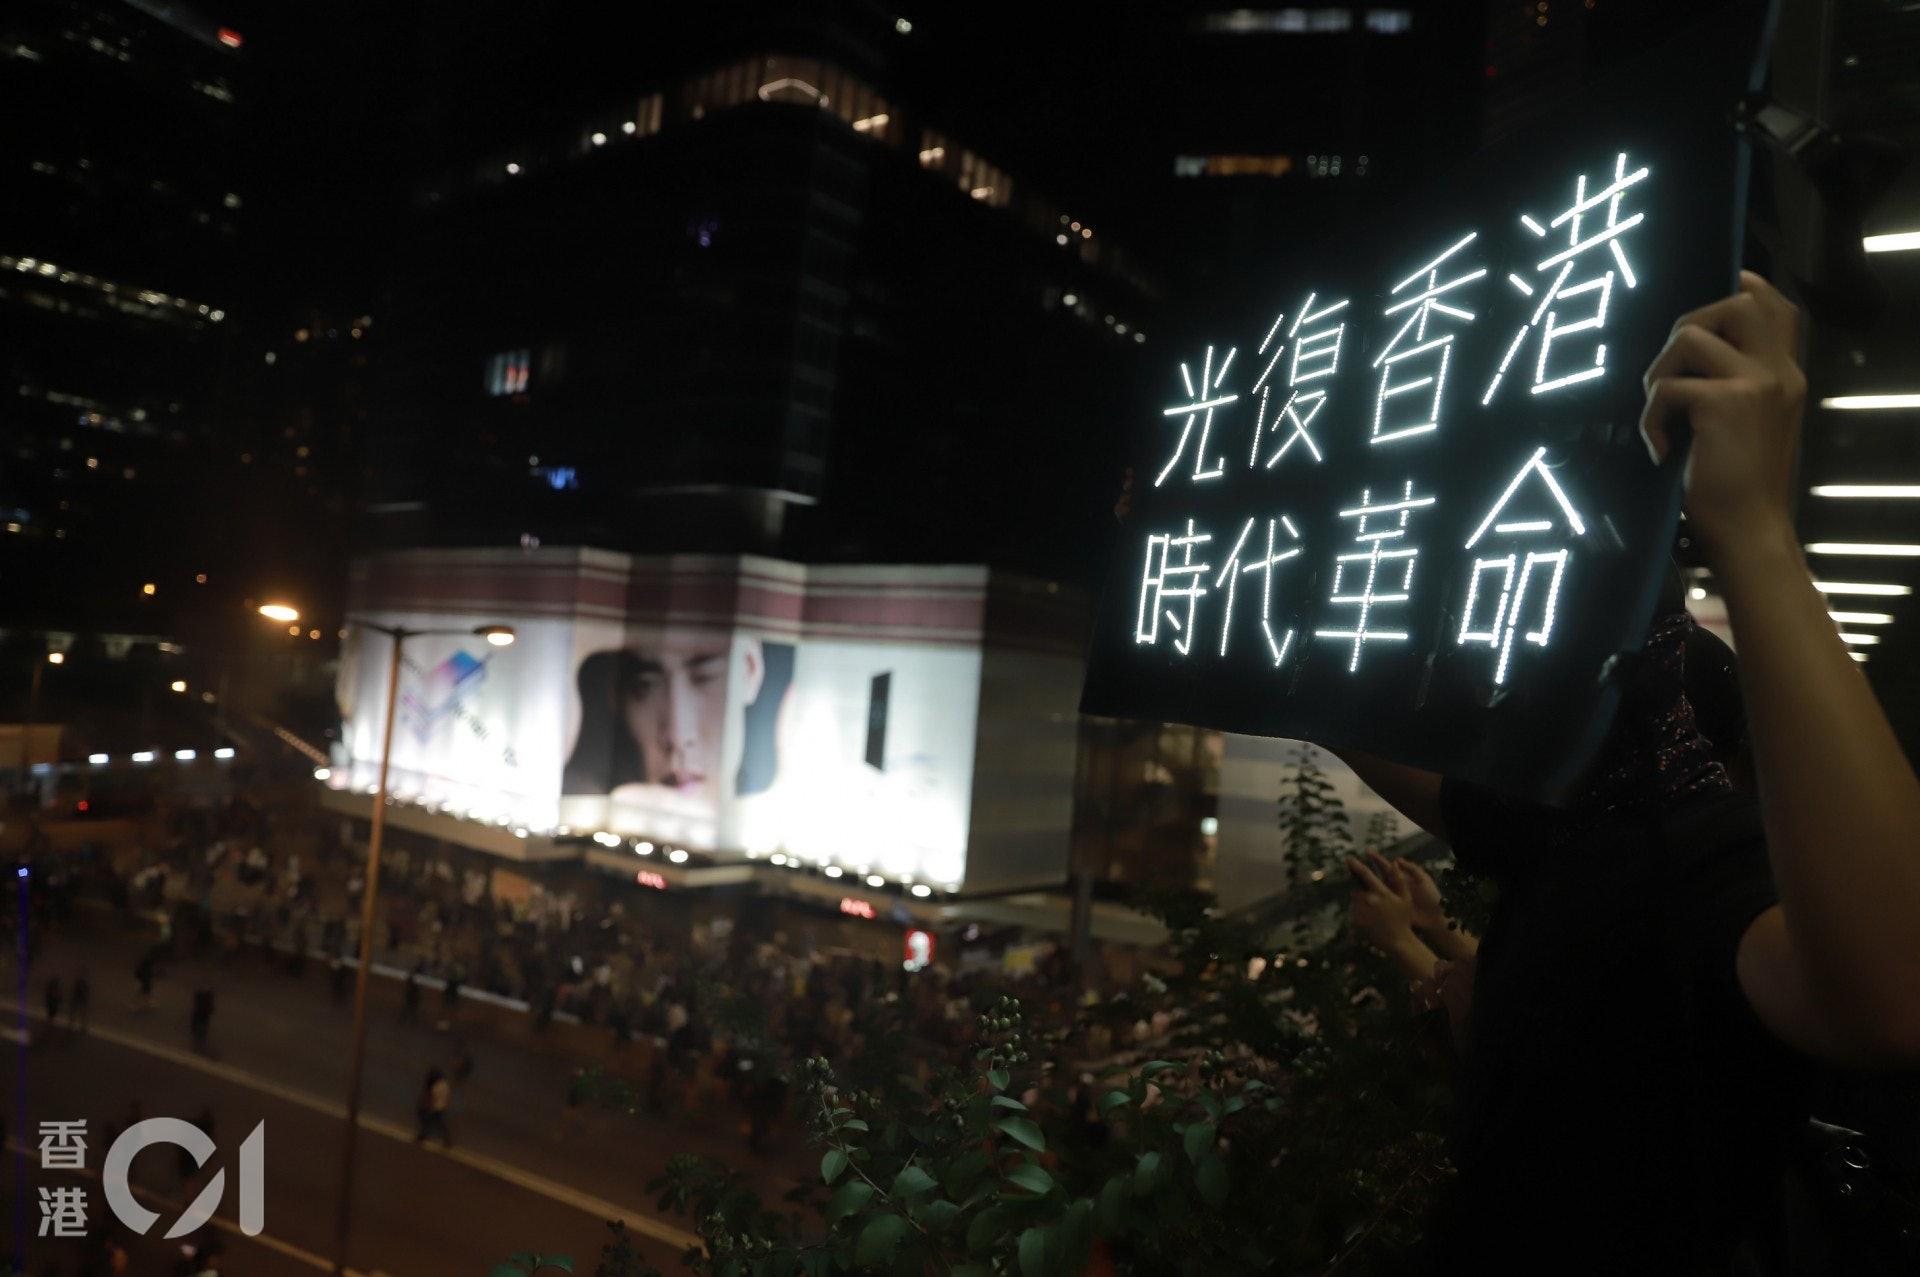 傘運五年過去,「光復香港 時代革命」成為了反修例運動的核心口號。(羅國輝攝)